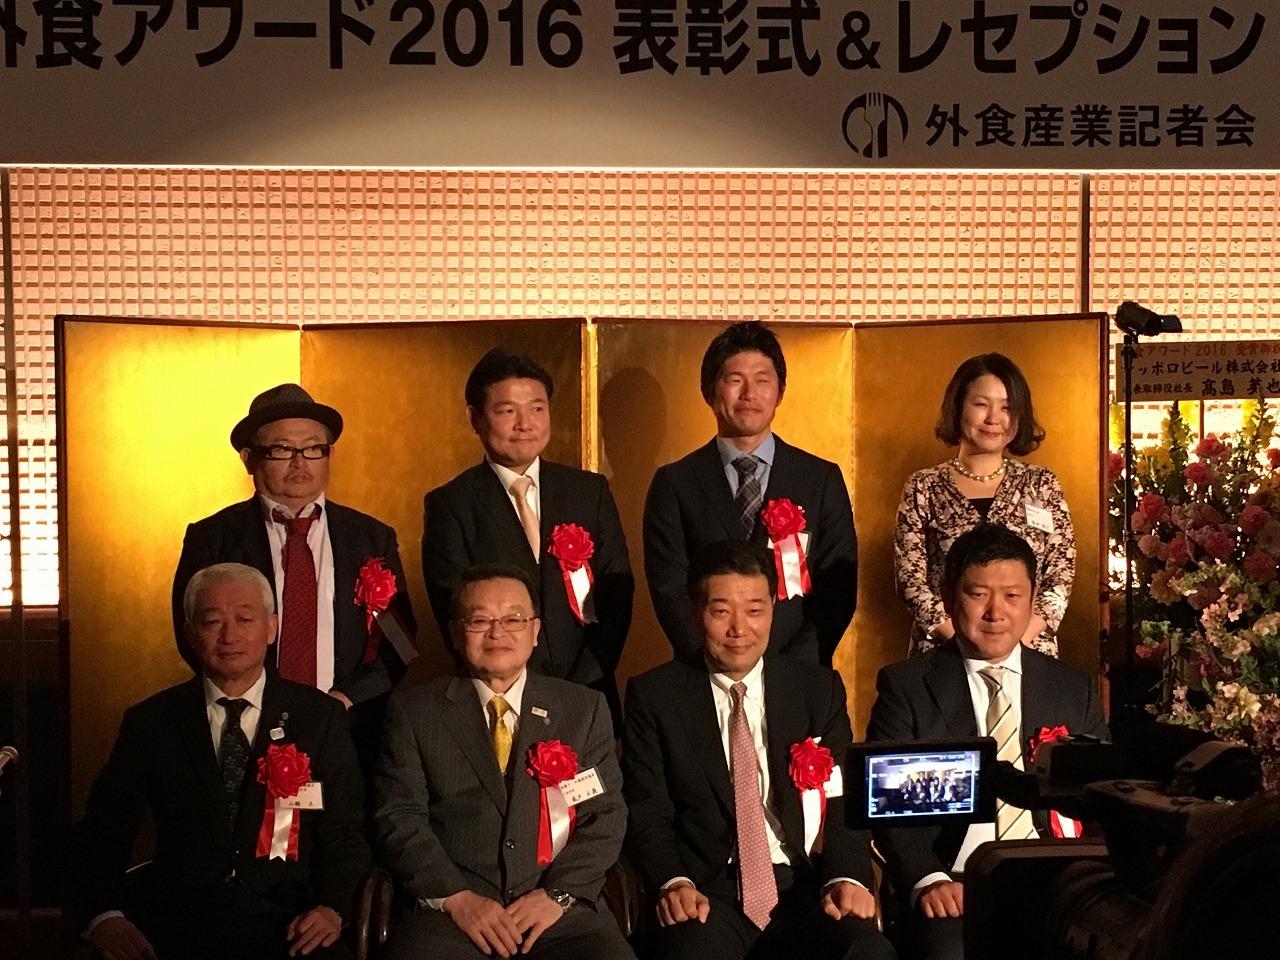 「外食アワード2016」受賞者発表! 表彰式・レセプションを実施   外食産業記者会